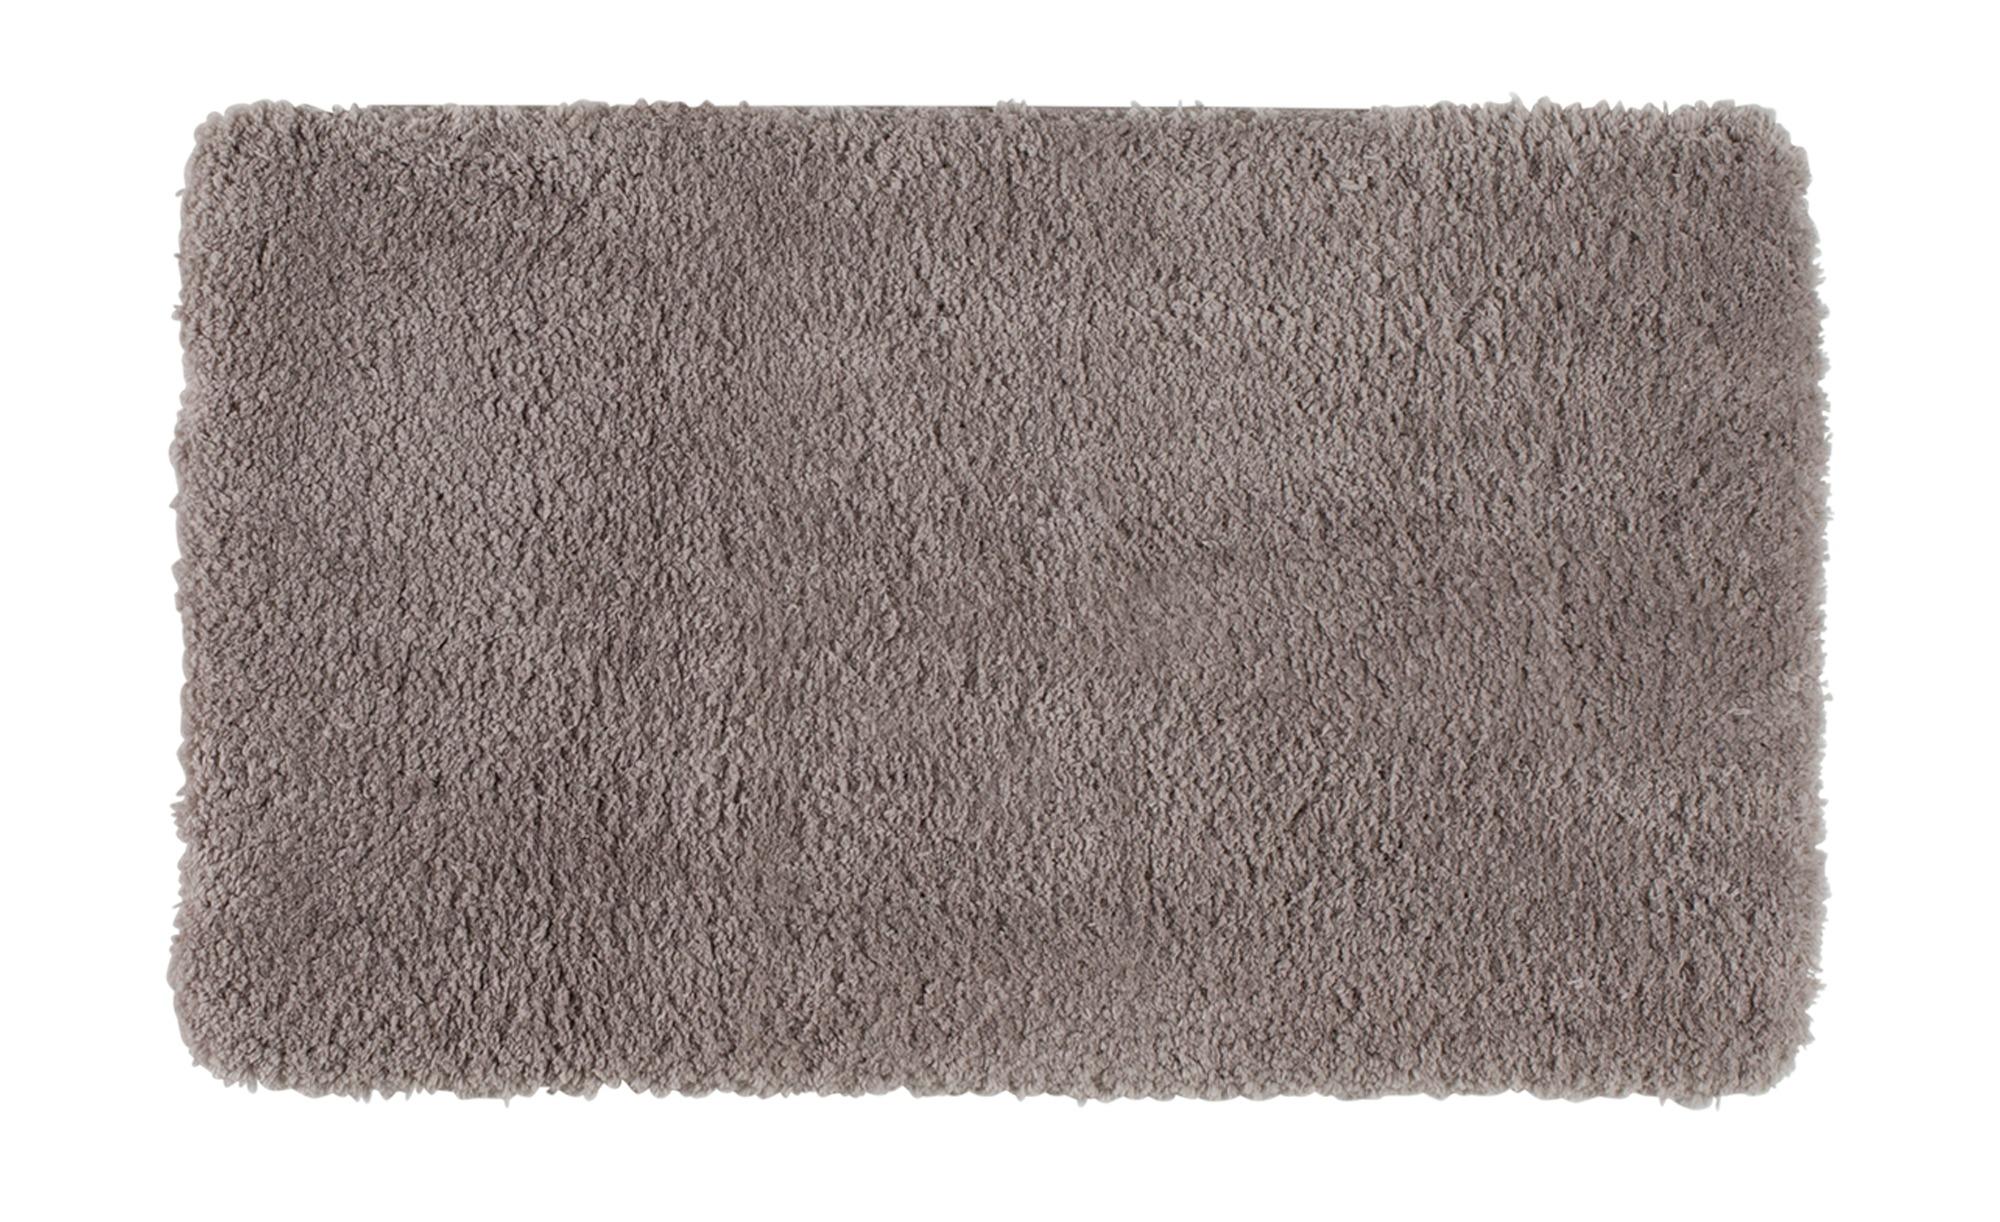 Badteppich  Teddy ¦ beige ¦ 100% Polyester ¦ Maße (cm): B: 60 Badtextilien und Zubehör > Badematten & Badvorleger - Höffner